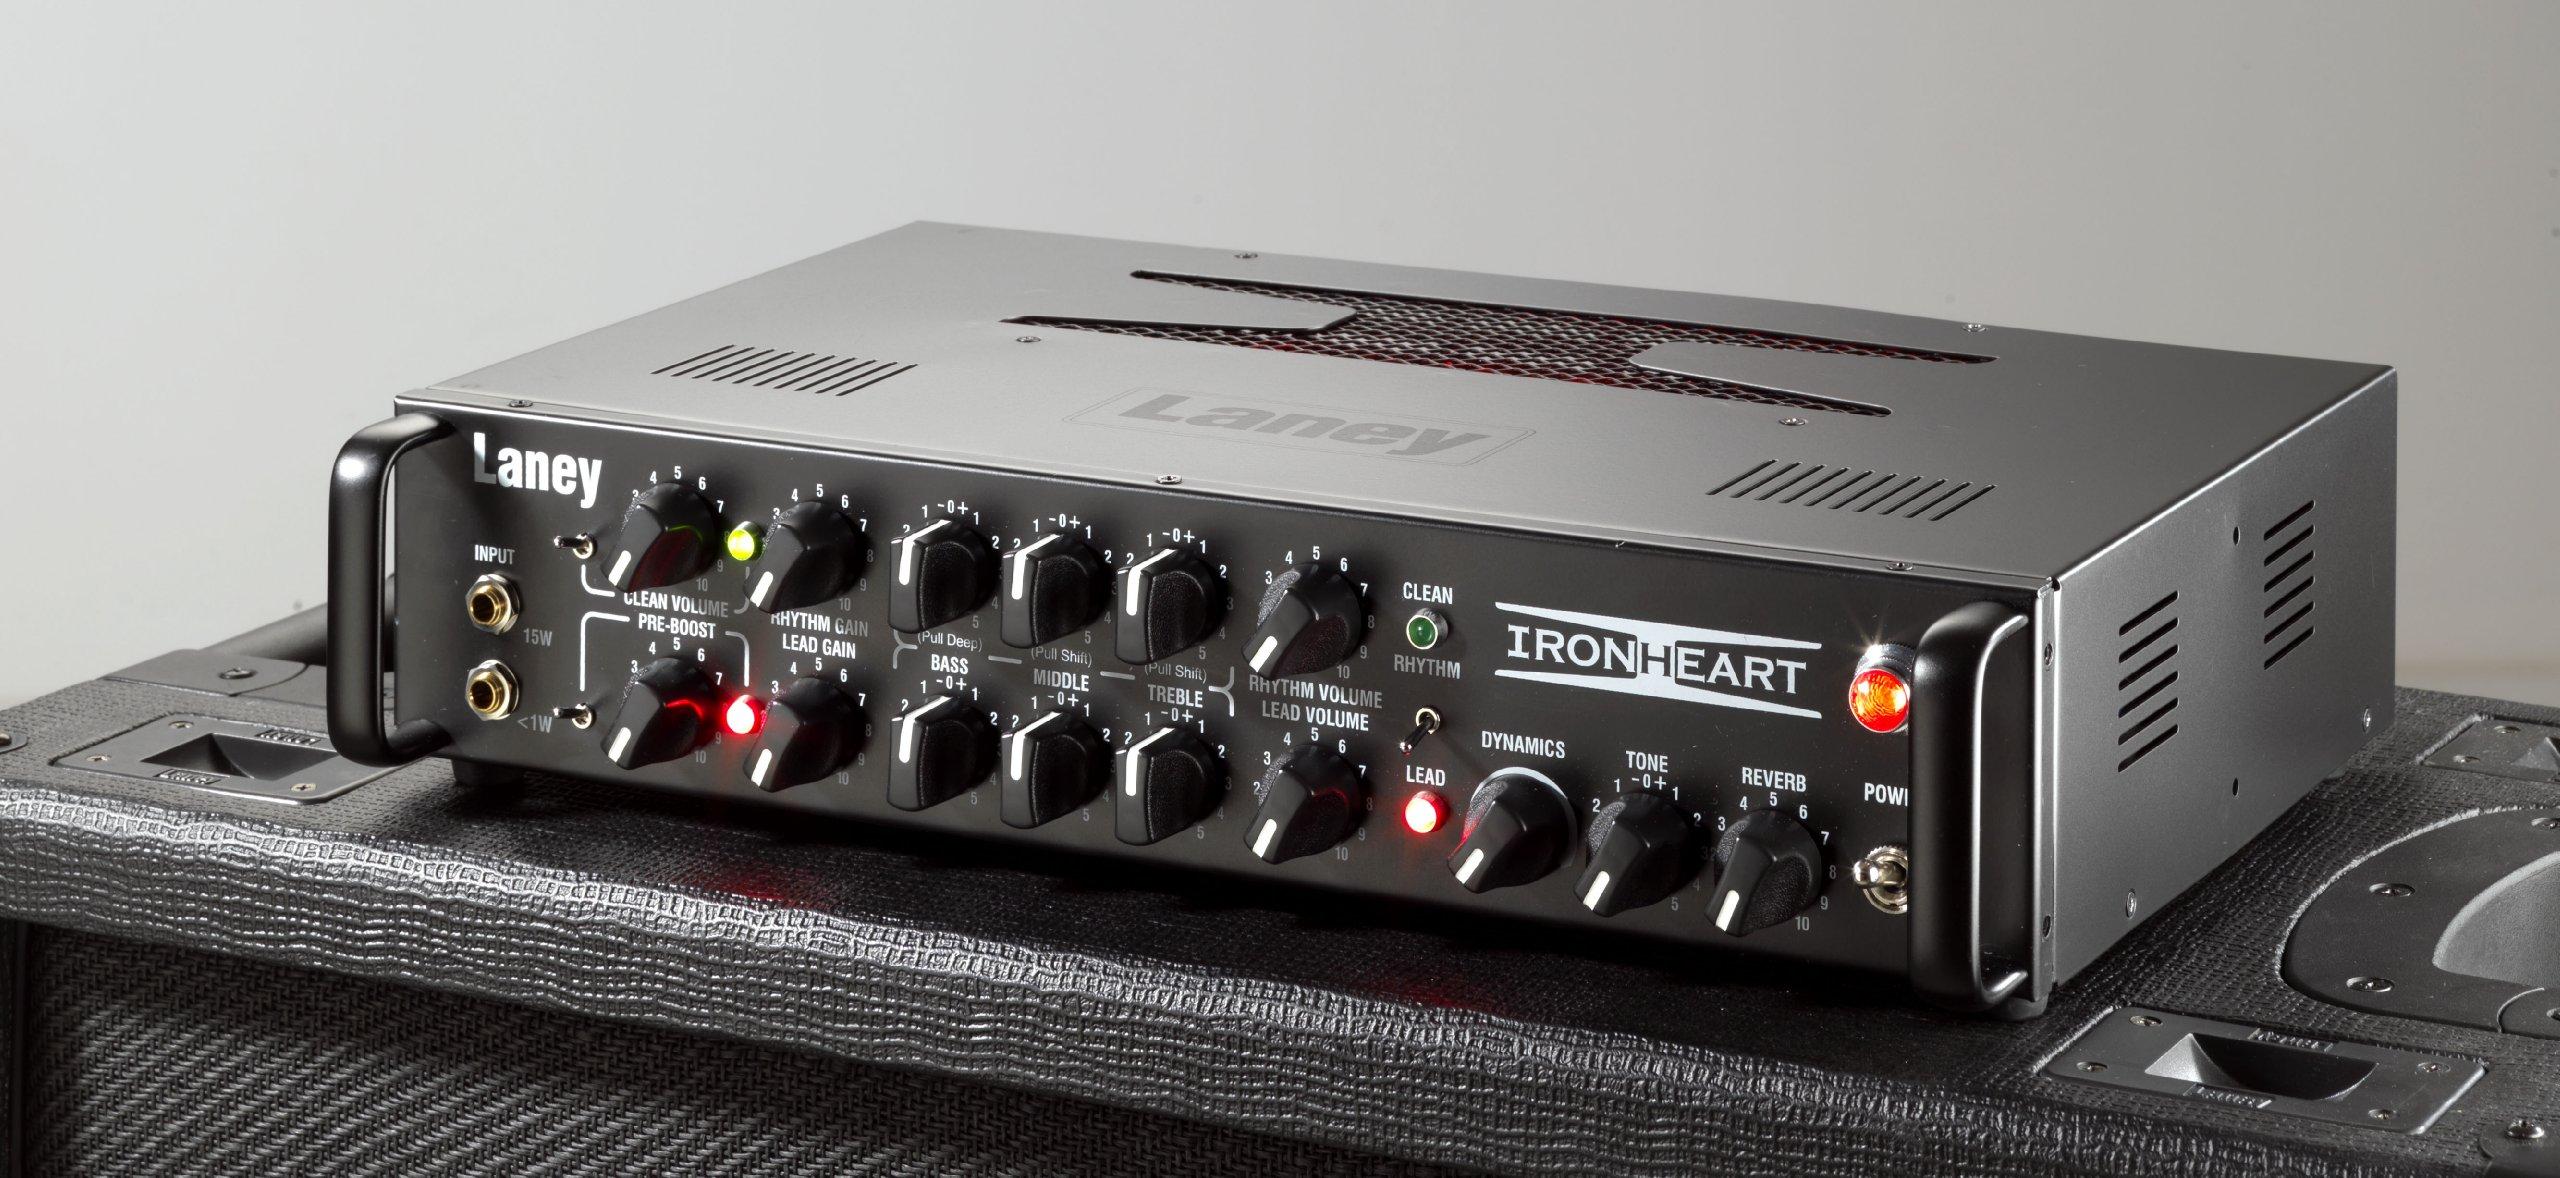 Laney Amps IRT-Studio Guitar Amplifier Head